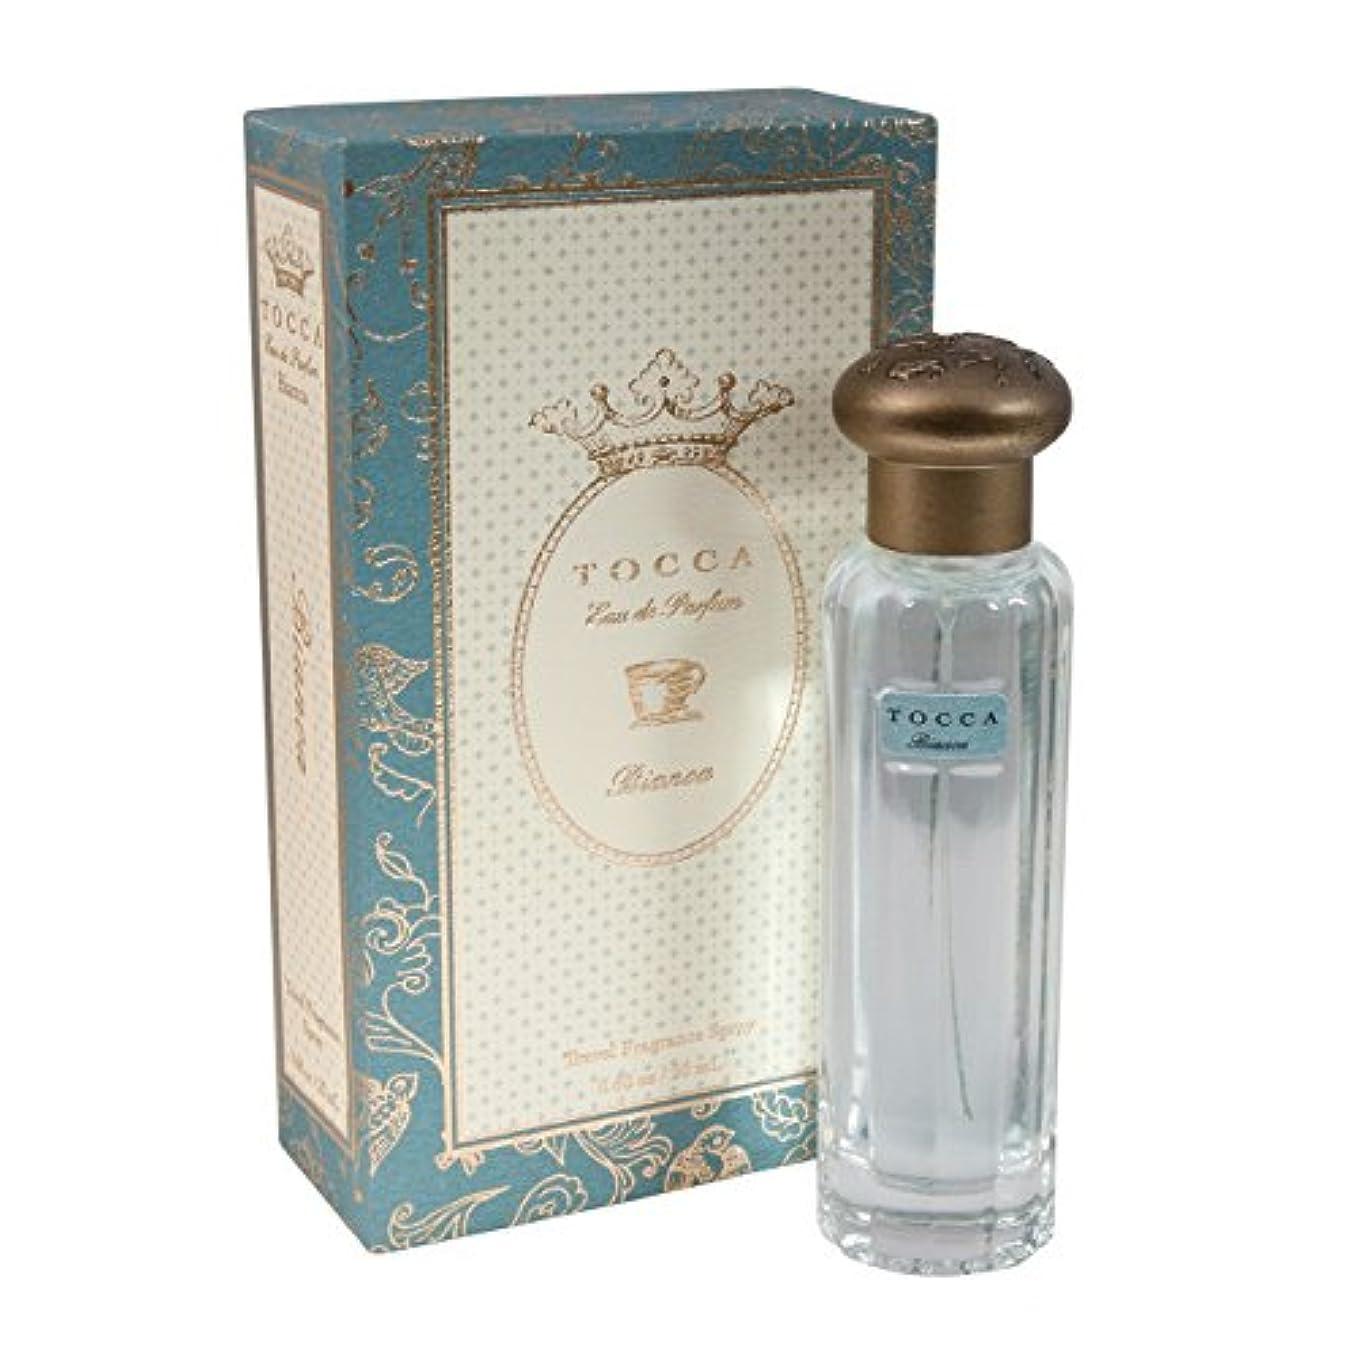 上院橋脚理由トッカ(TOCCA)  トラベルフレグランススプレー ビアンカの香り 20ml(香水 オードパルファム 海を眺めながらのティータイムのようなグリーンティーとシトラス、ローズが溶け合う爽やかで甘い香り)